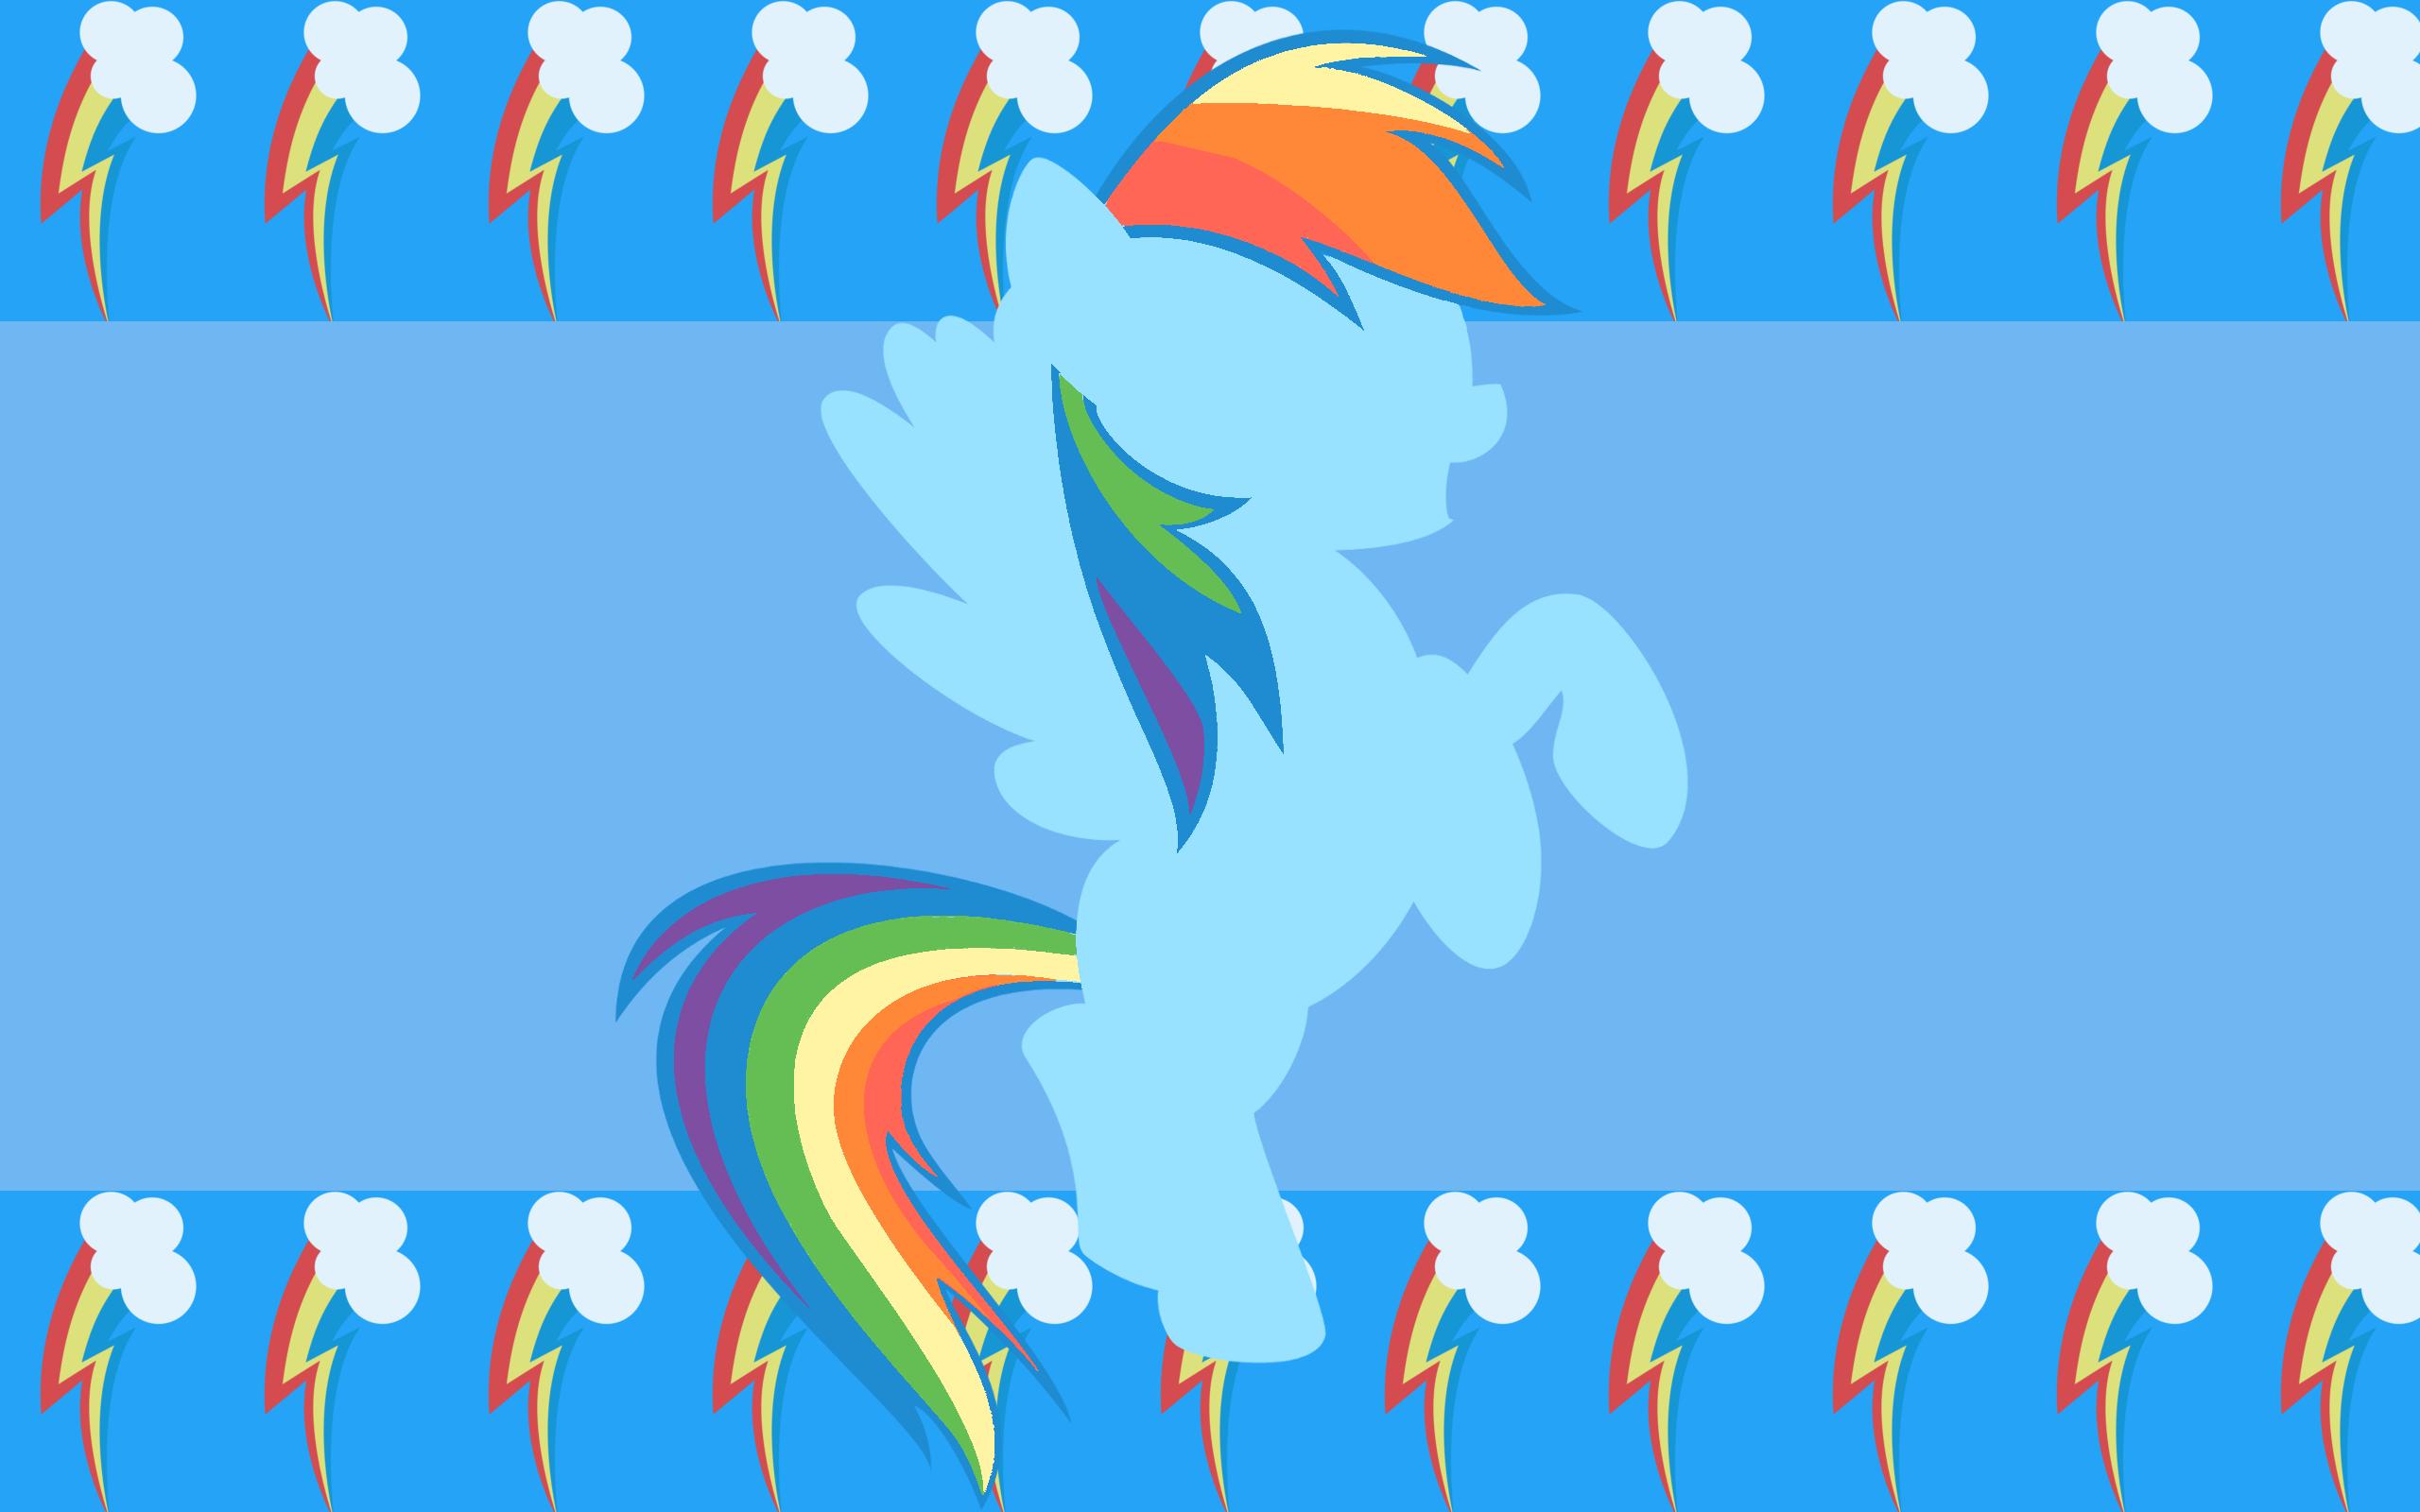 Rapid Rainbow Dash WP by AliceHumanSacrifice0, Nethear and ooklah